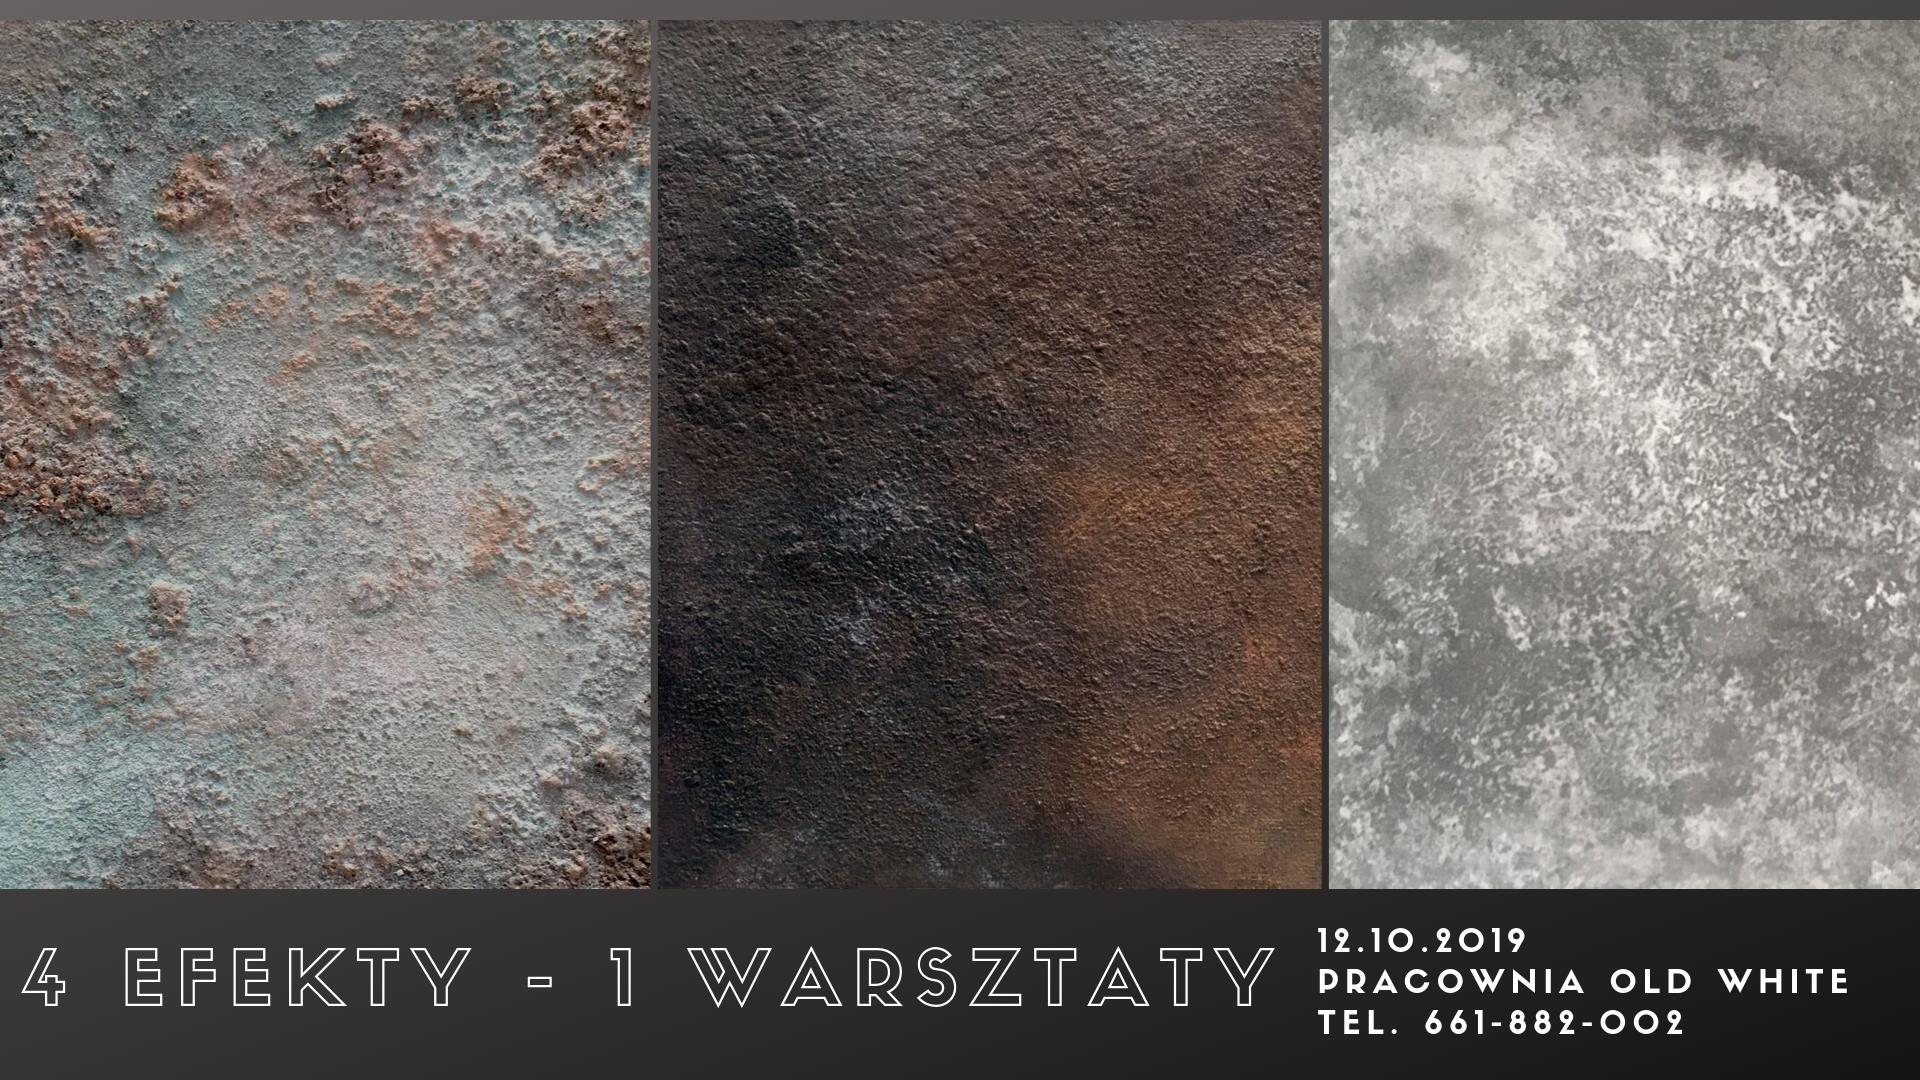 4_efekty_-_1_warsztaty_1920